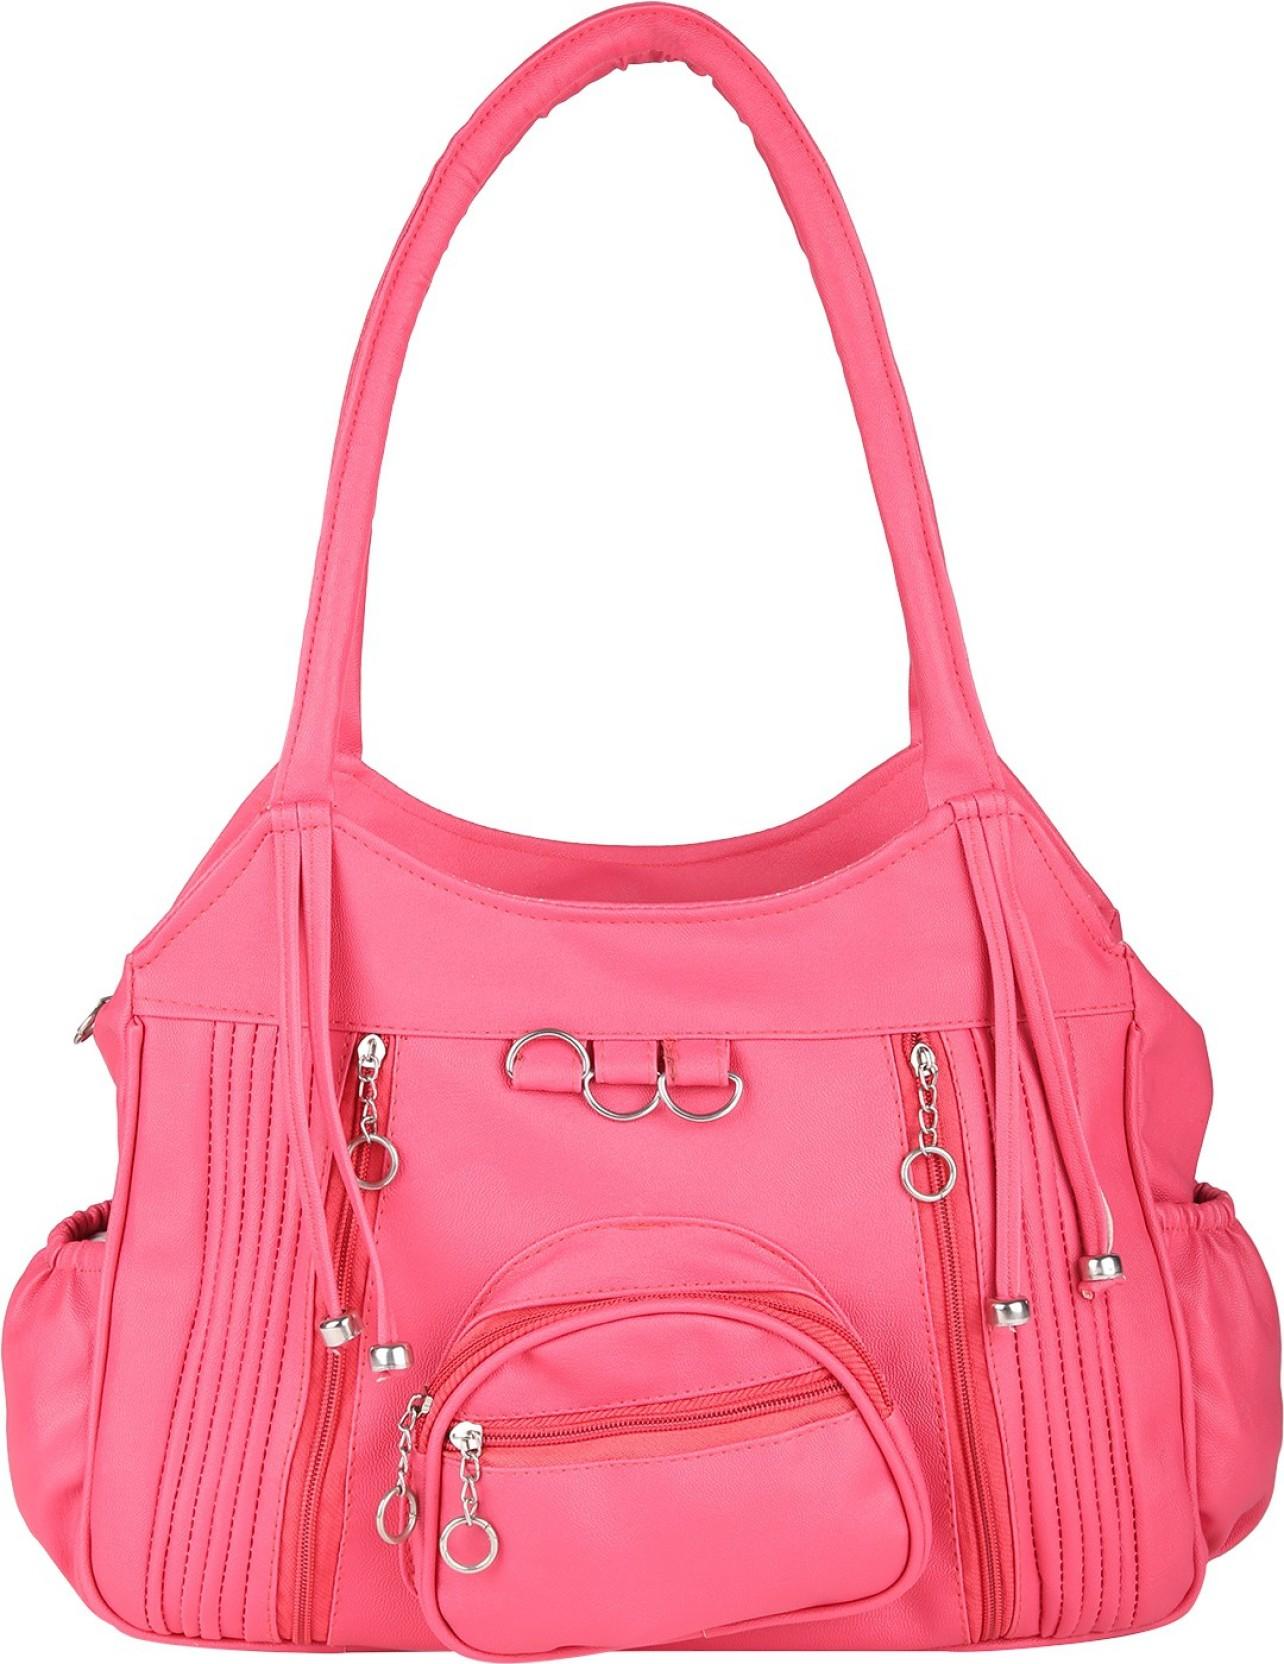 Buy Fairdeals Hand-held Bag Pink Online @ Best Price in ...